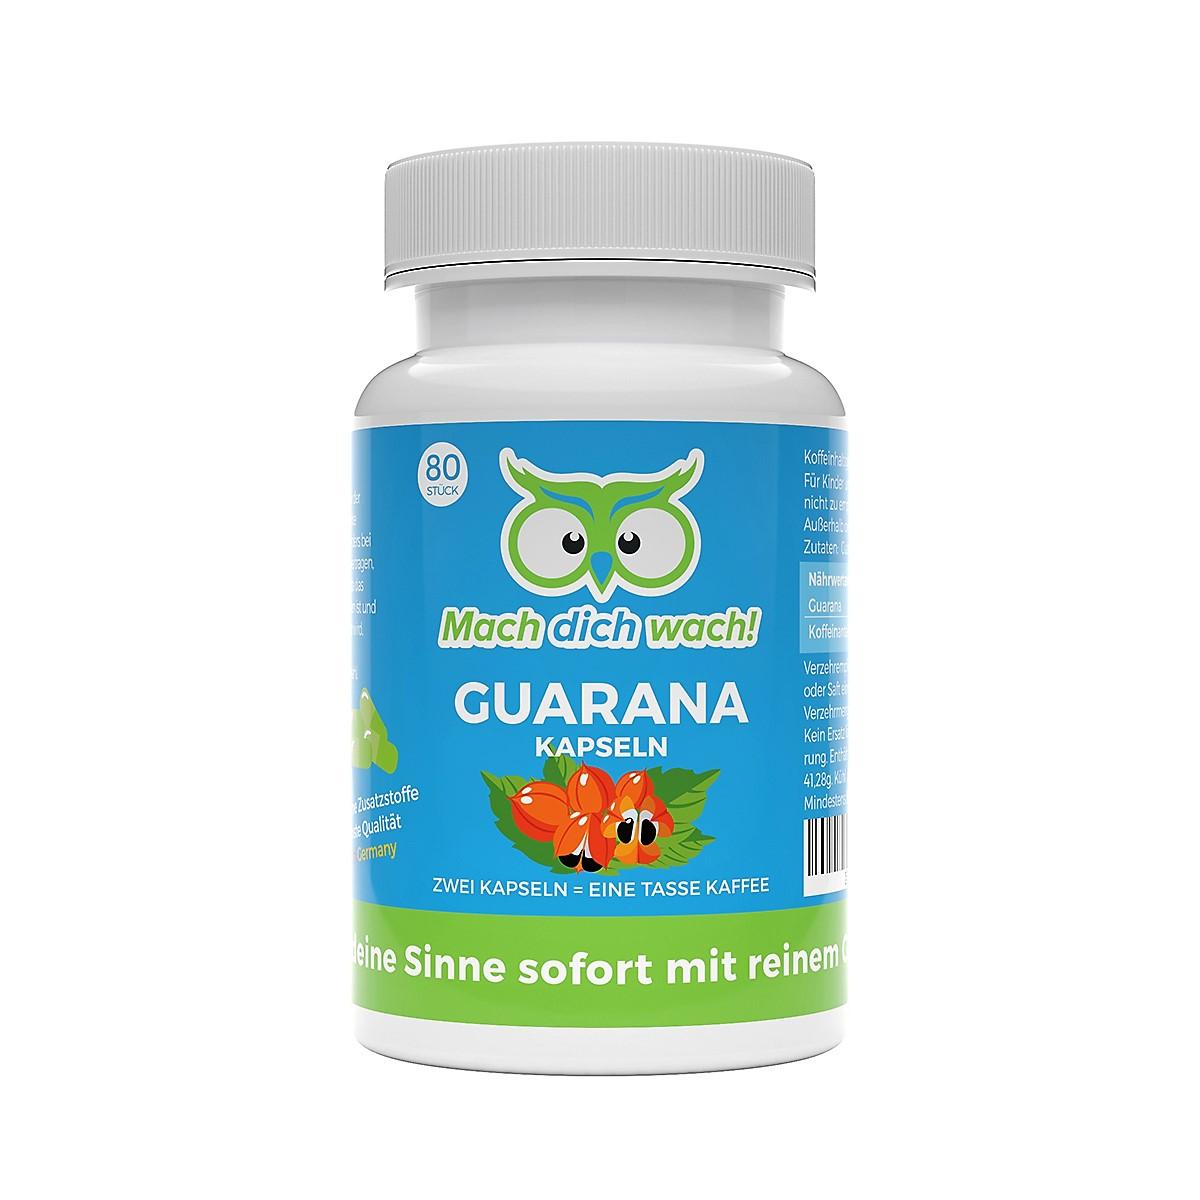 Guarana Kapseln von Vitamineule